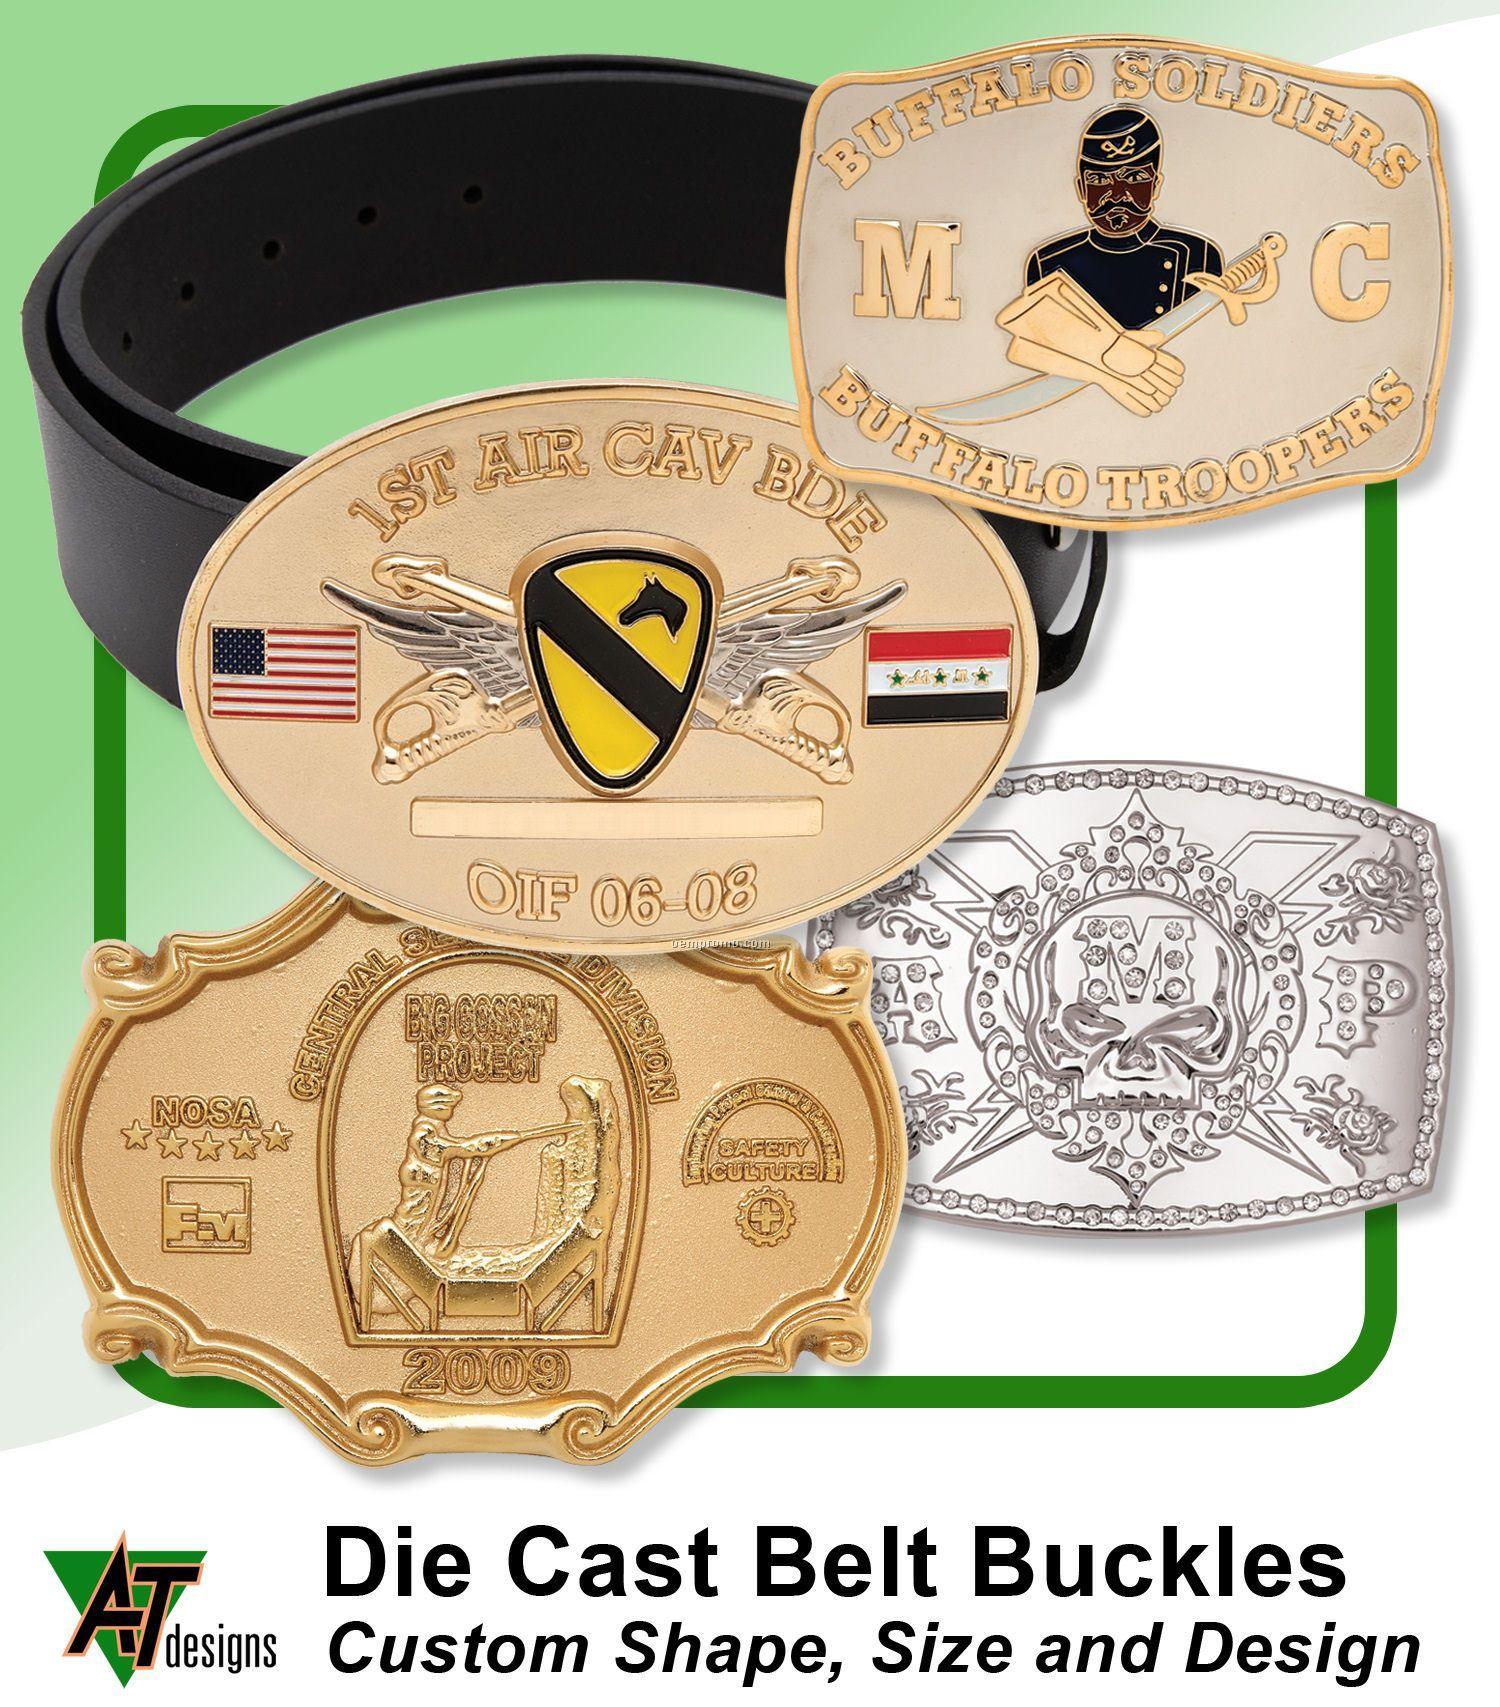 Die Cast Belt Buckles